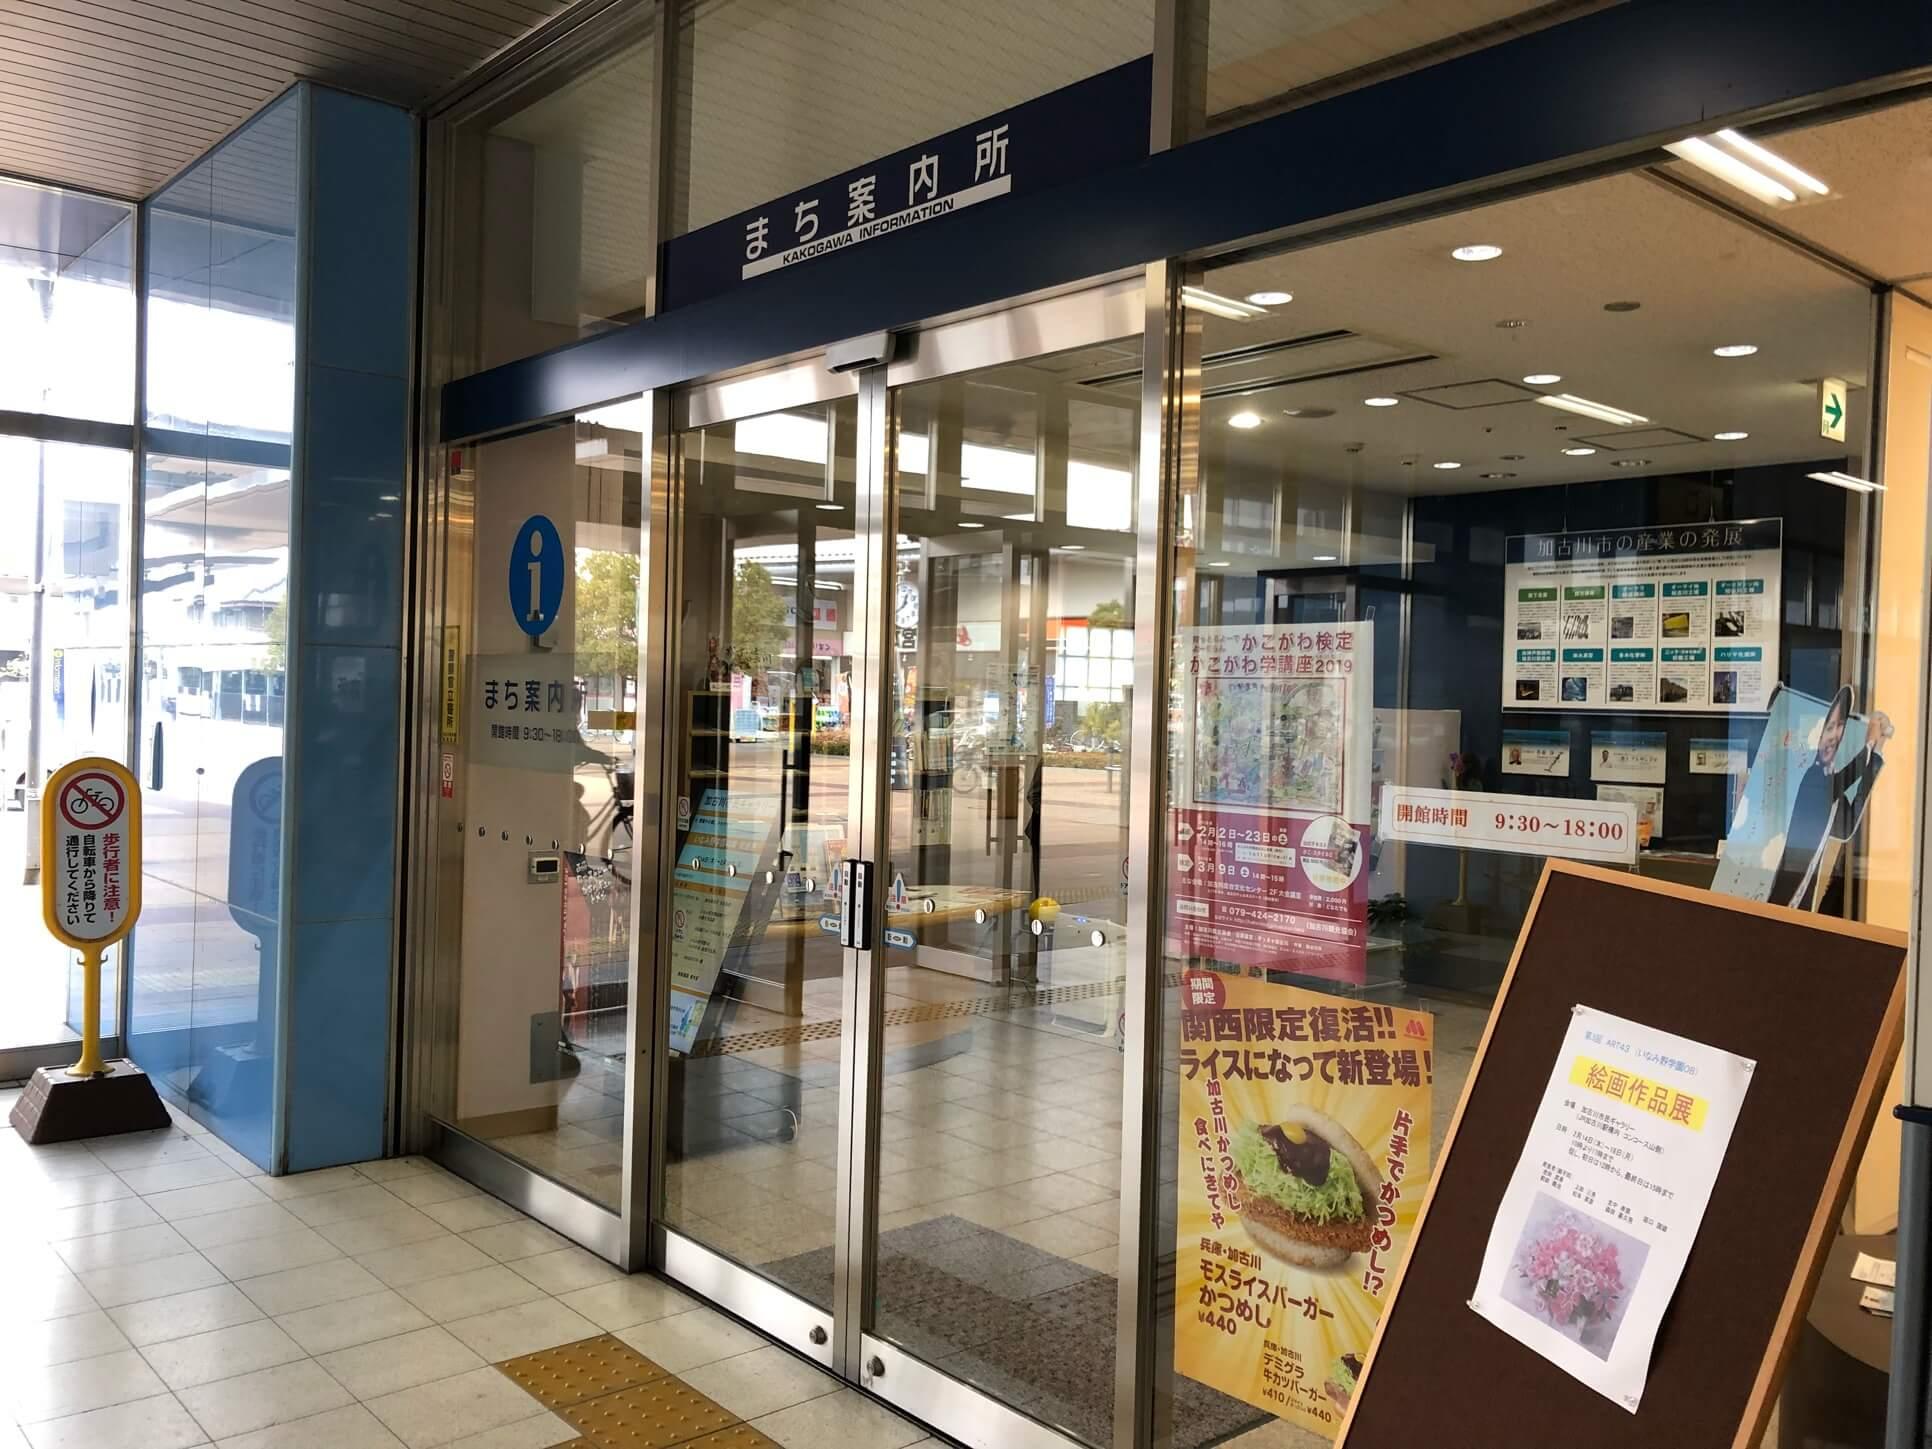 加古川市】駅中の案内所って観光客向け?と思いきや、そうではなかった ...